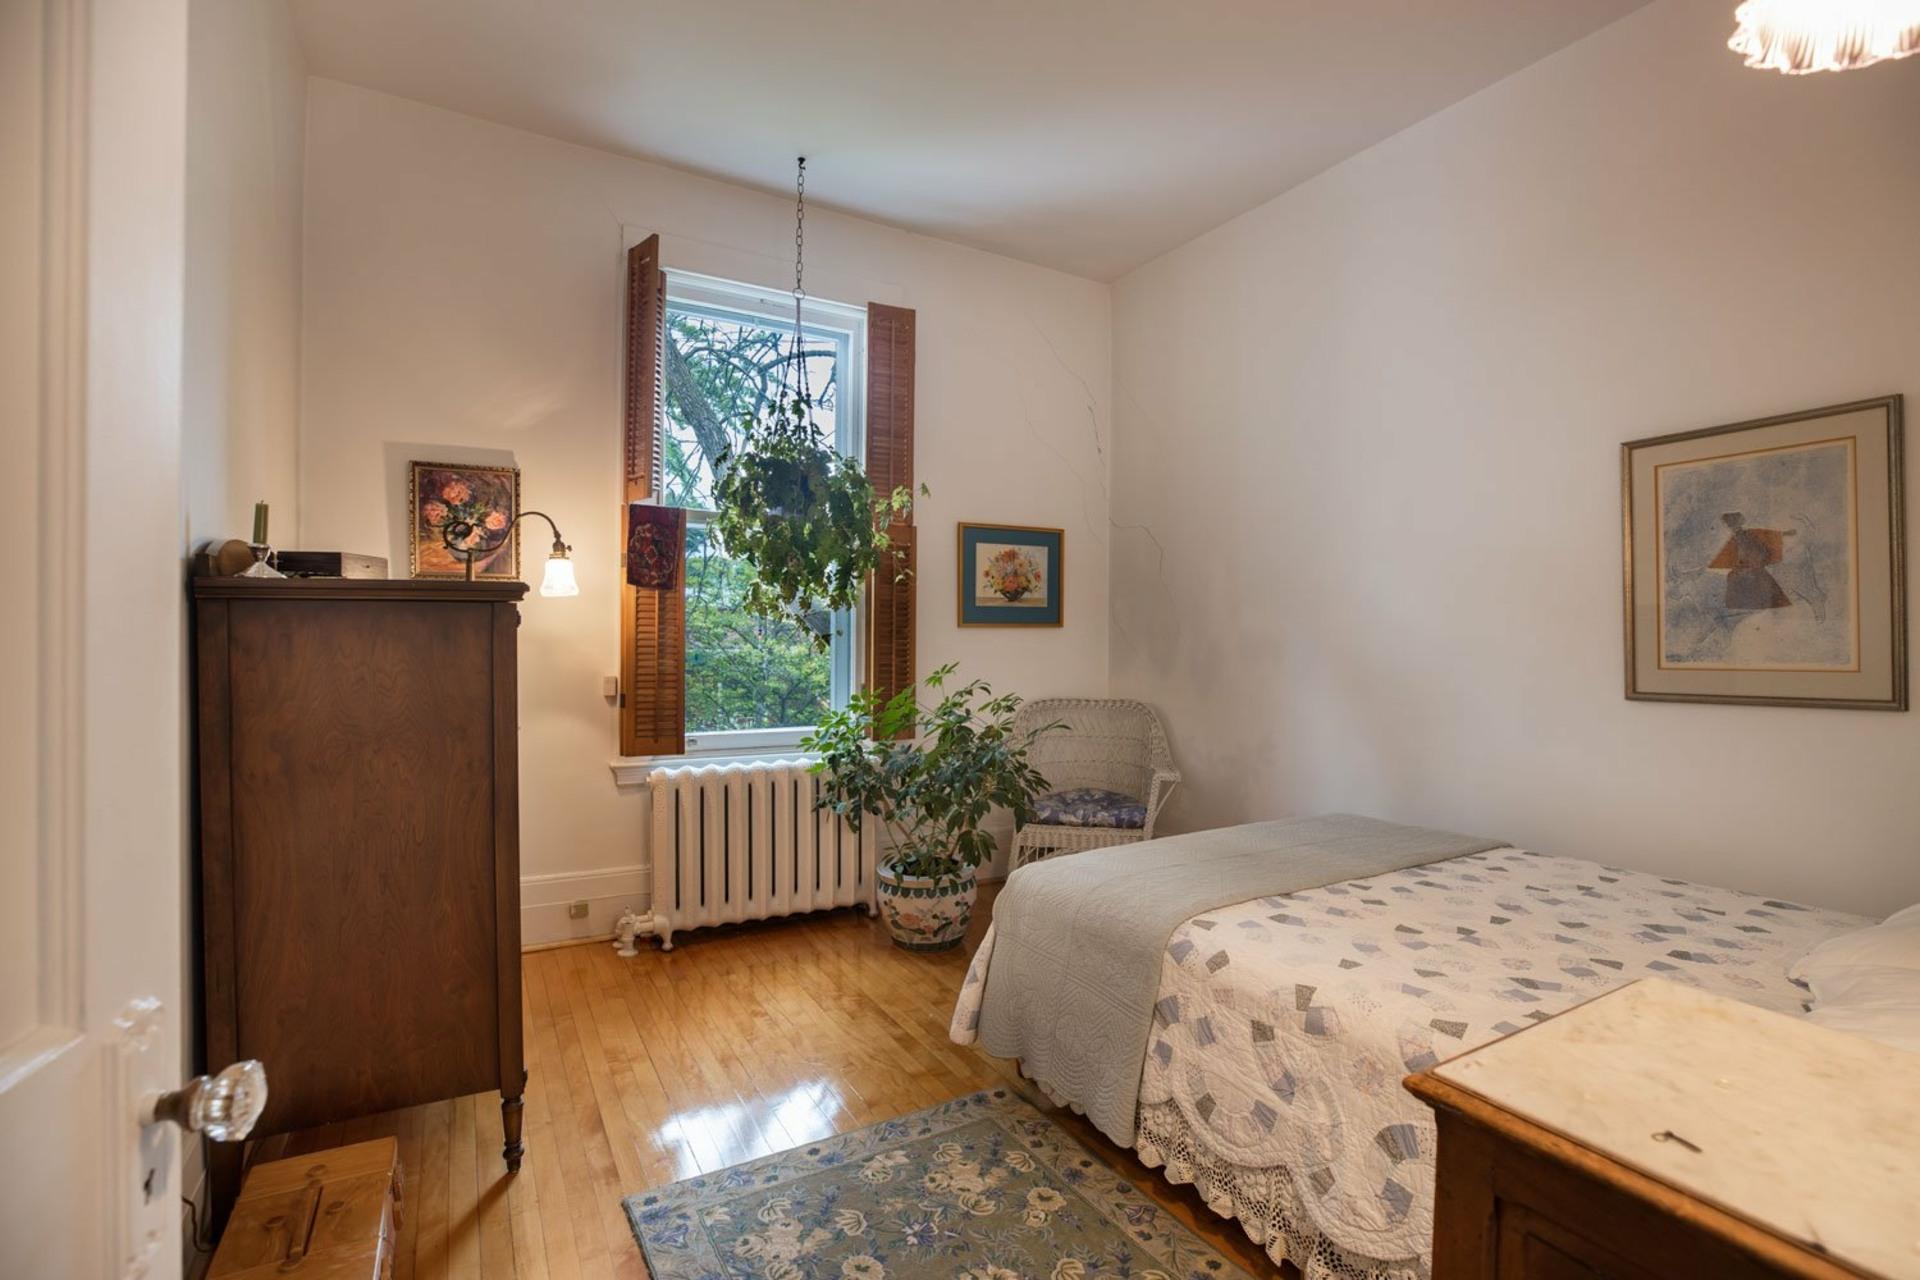 image 8 - Maison À vendre Côte-des-Neiges/Notre-Dame-de-Grâce Montréal  - 10 pièces